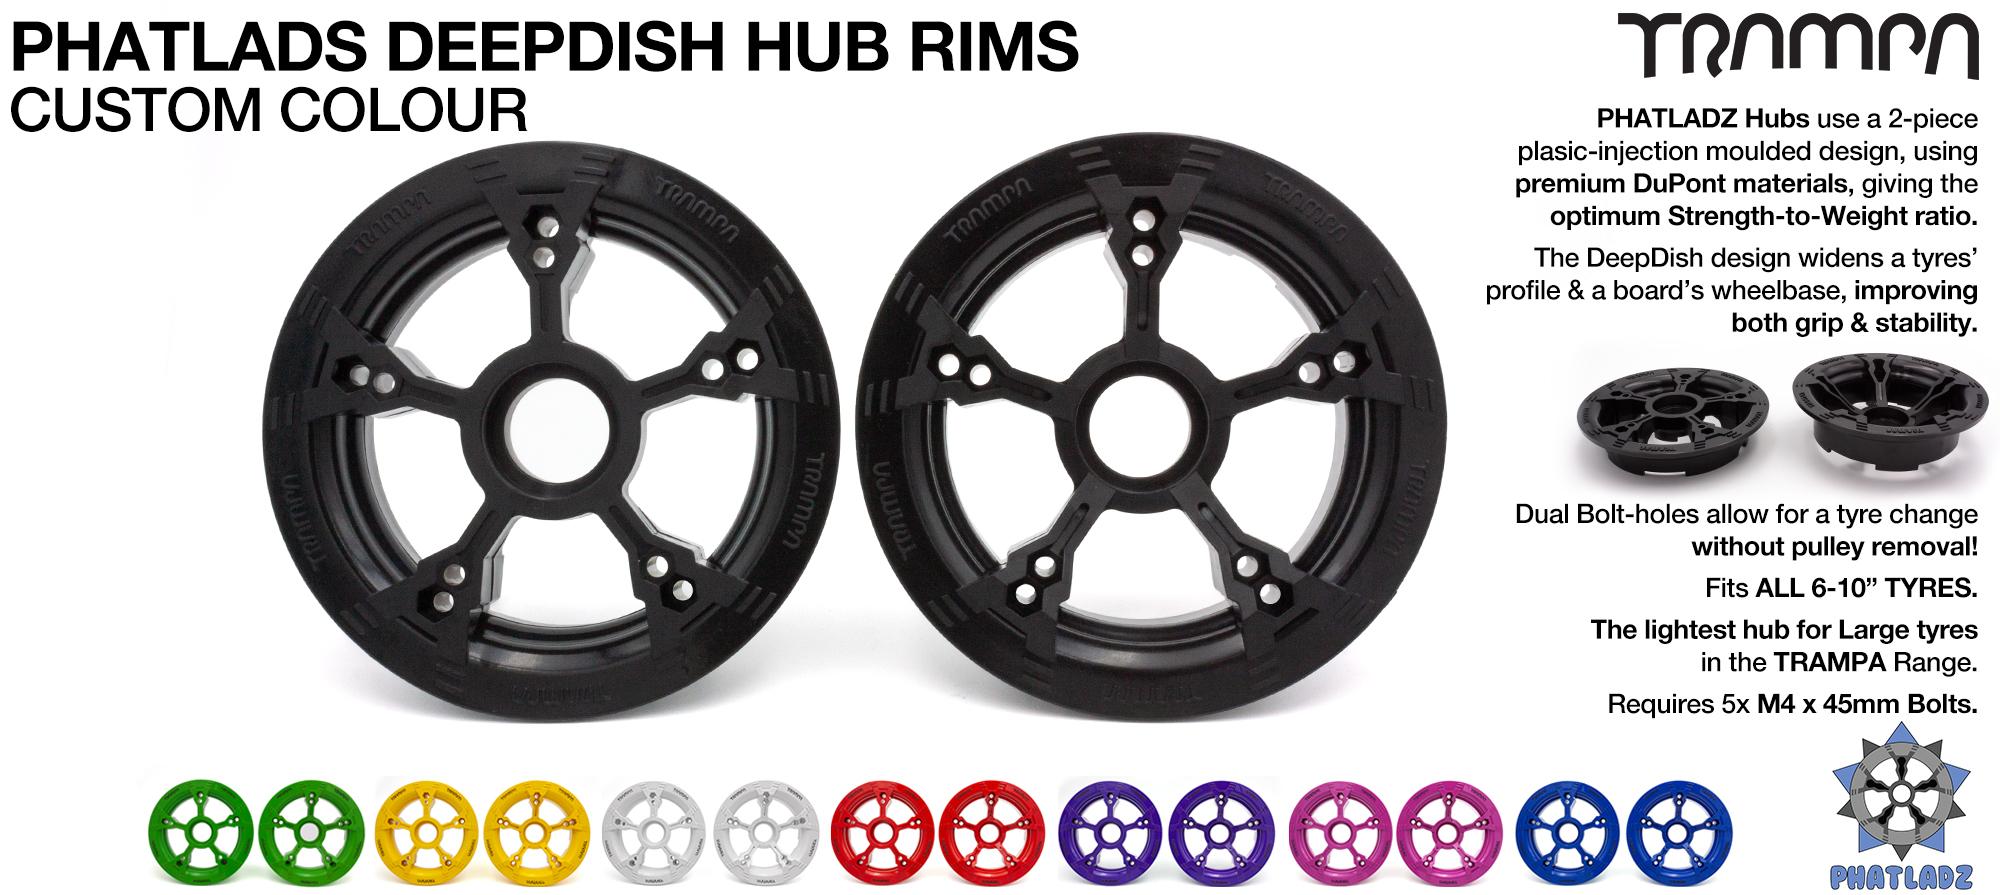 PHATLADS - 5 Spoke Hub Deep Dish Split Rim hub fits 6,7,8,9 & 10 Inch tyres!! Amazing